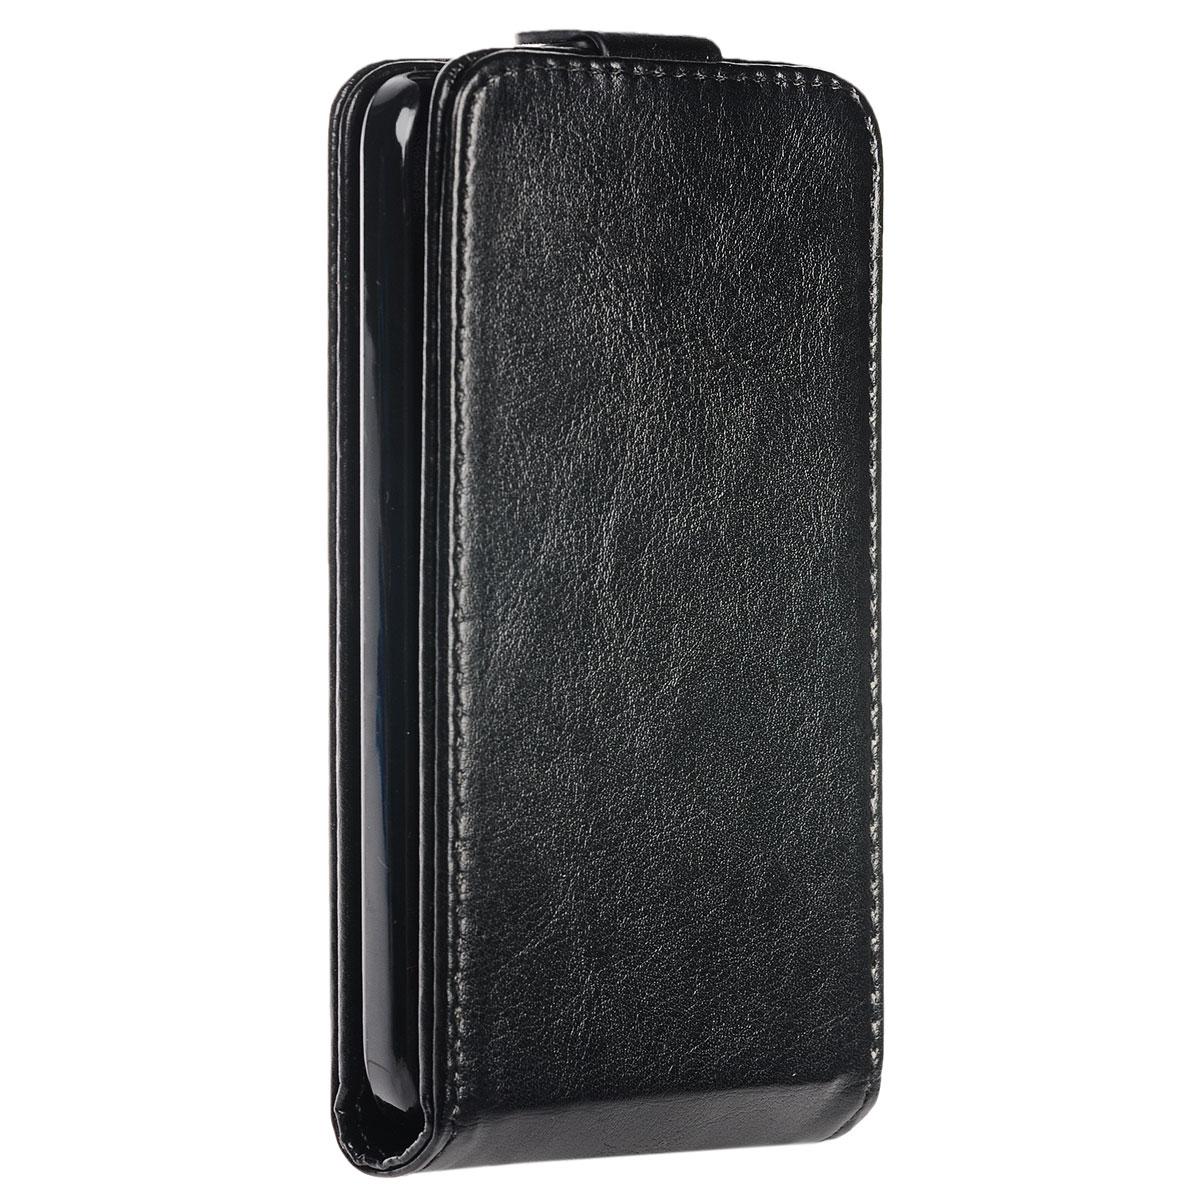 Skinbox Flip Case чехол для Alcatel Idol 2, BlackT-F-AI2Чехол Skinbox Flip Case выполнен из высококачественного поликарбоната и экокожи. Он надежно защитит ваше устройство от пыли, влаги и механических повреждений. Обеспечивает свободный доступ ко всем разъемам и клавишам смартфона.